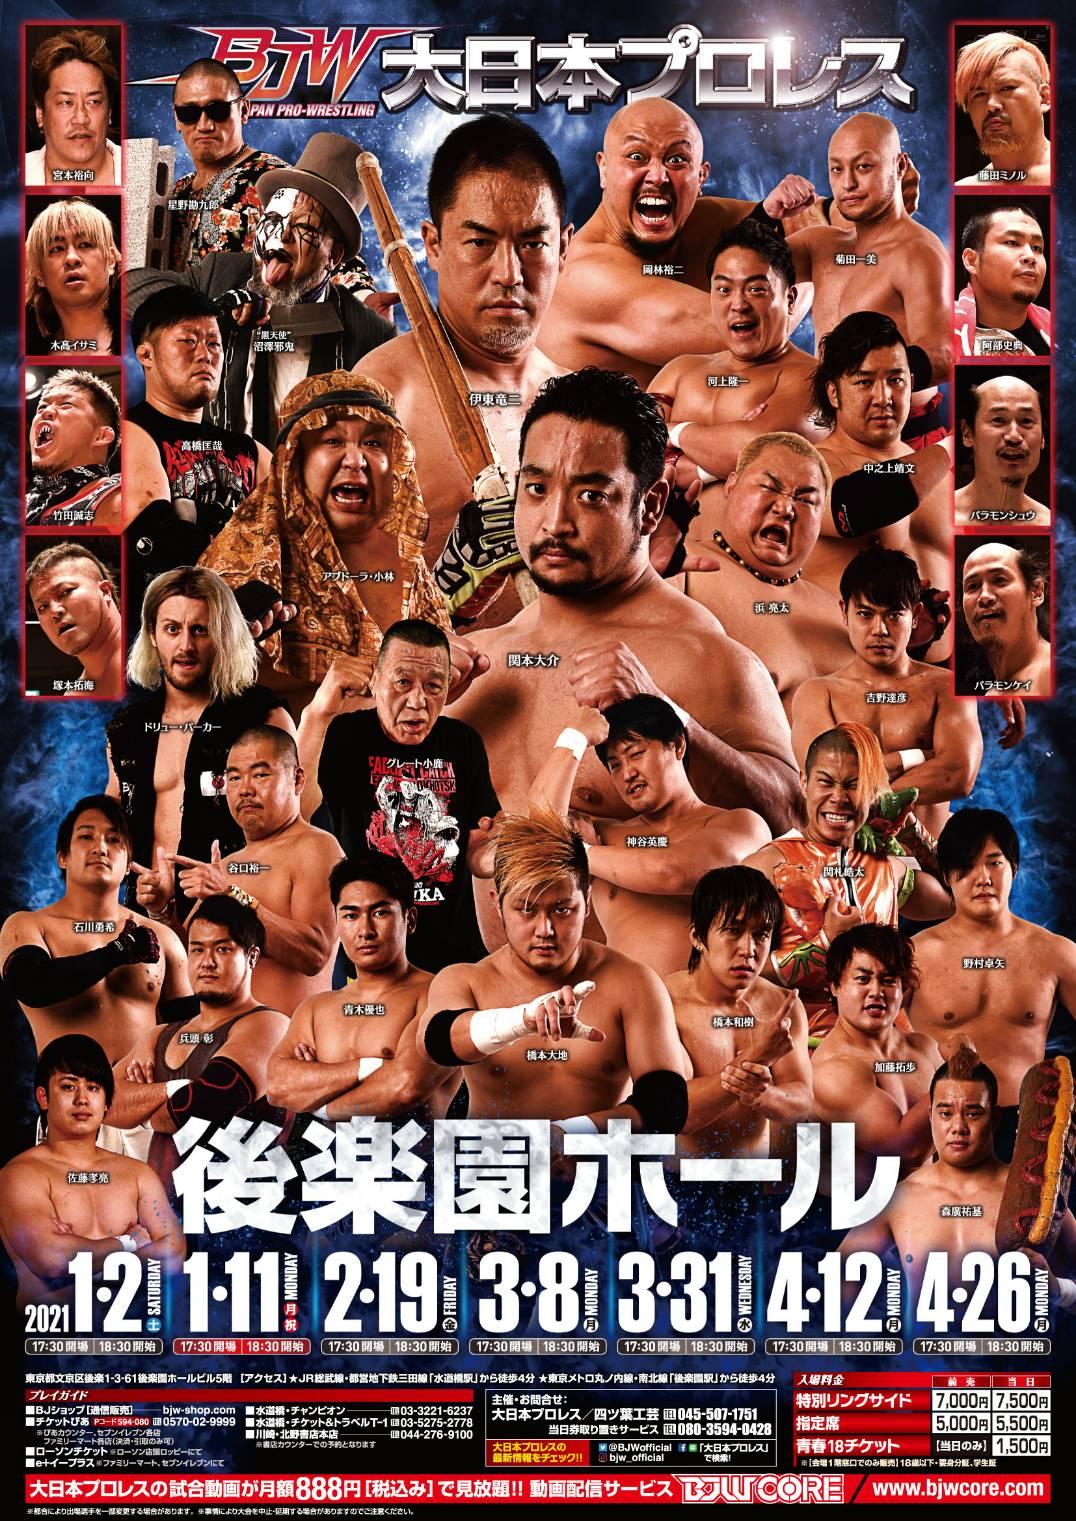 4・26(月)18時30分 大日本プロレス 後楽園ホール 一騎当千~DeathMatch Survivor~公式戦の画像